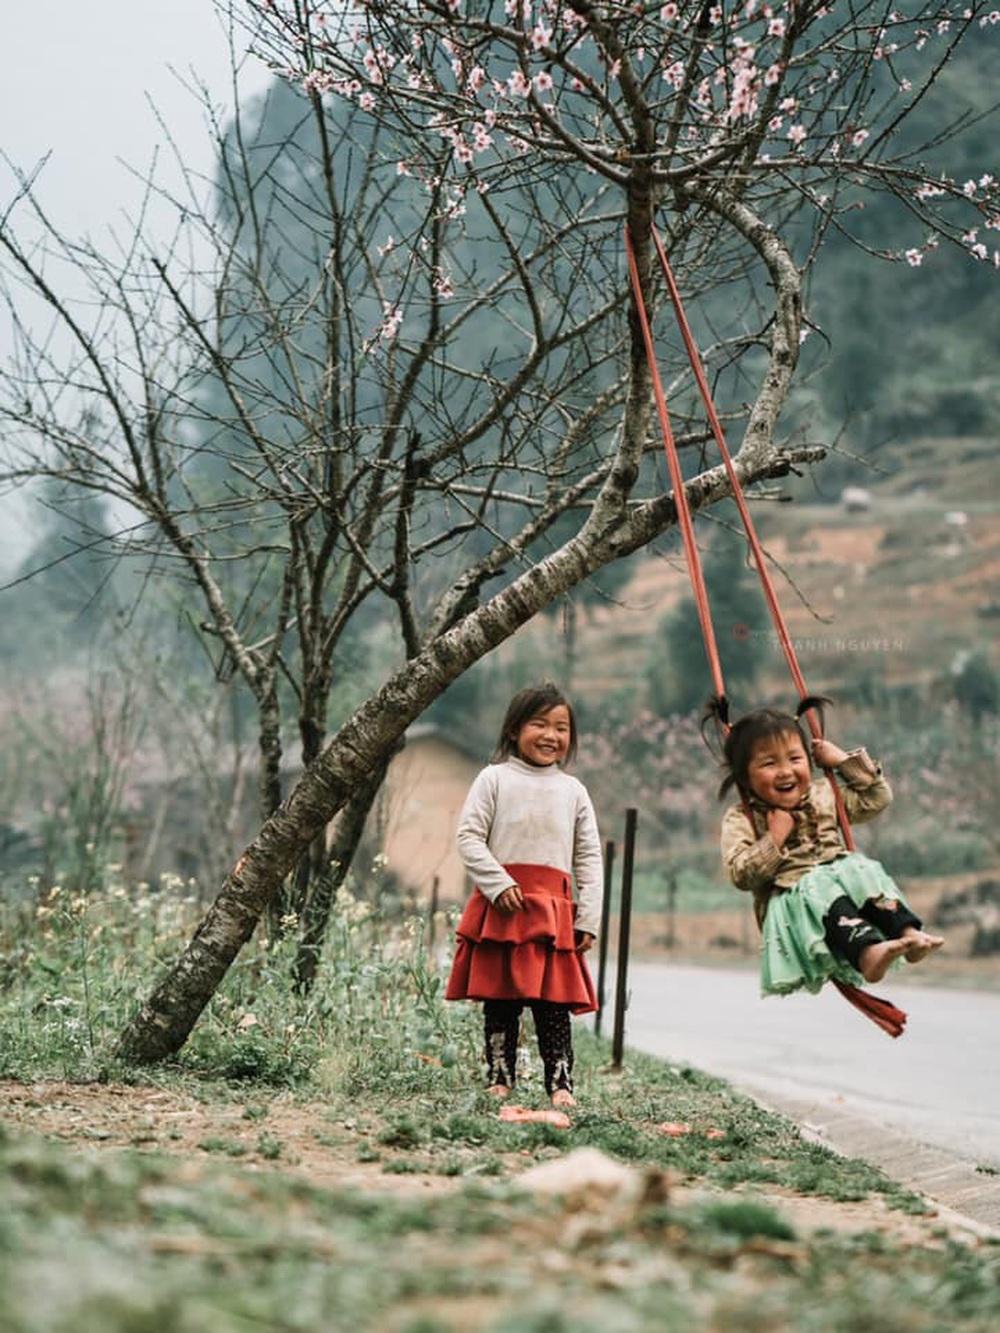 Khoảnh khắc cô bé Hà Giang nô đùa, cười rạng rỡ bên đường khiến bao người xao xuyến - Ảnh 9.